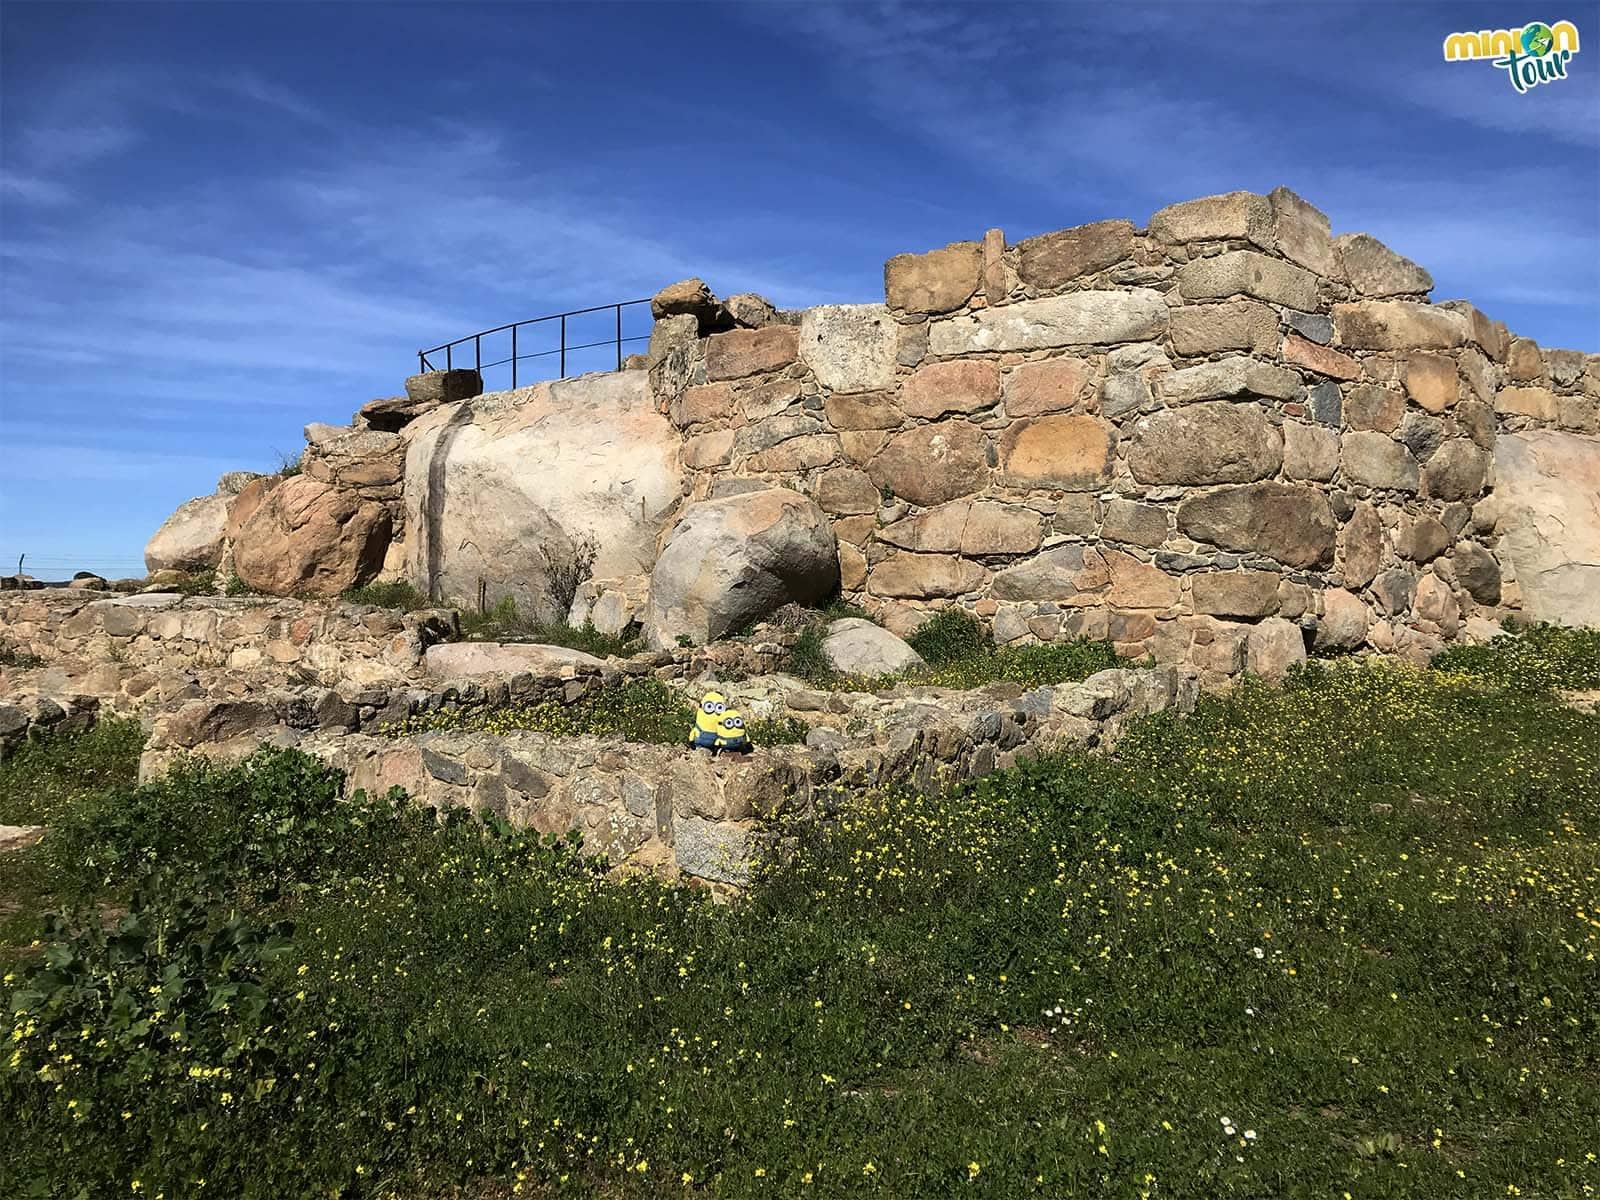 El Yacimiento Arqueológico de Hijovejo, una grata sorpresa en el camino